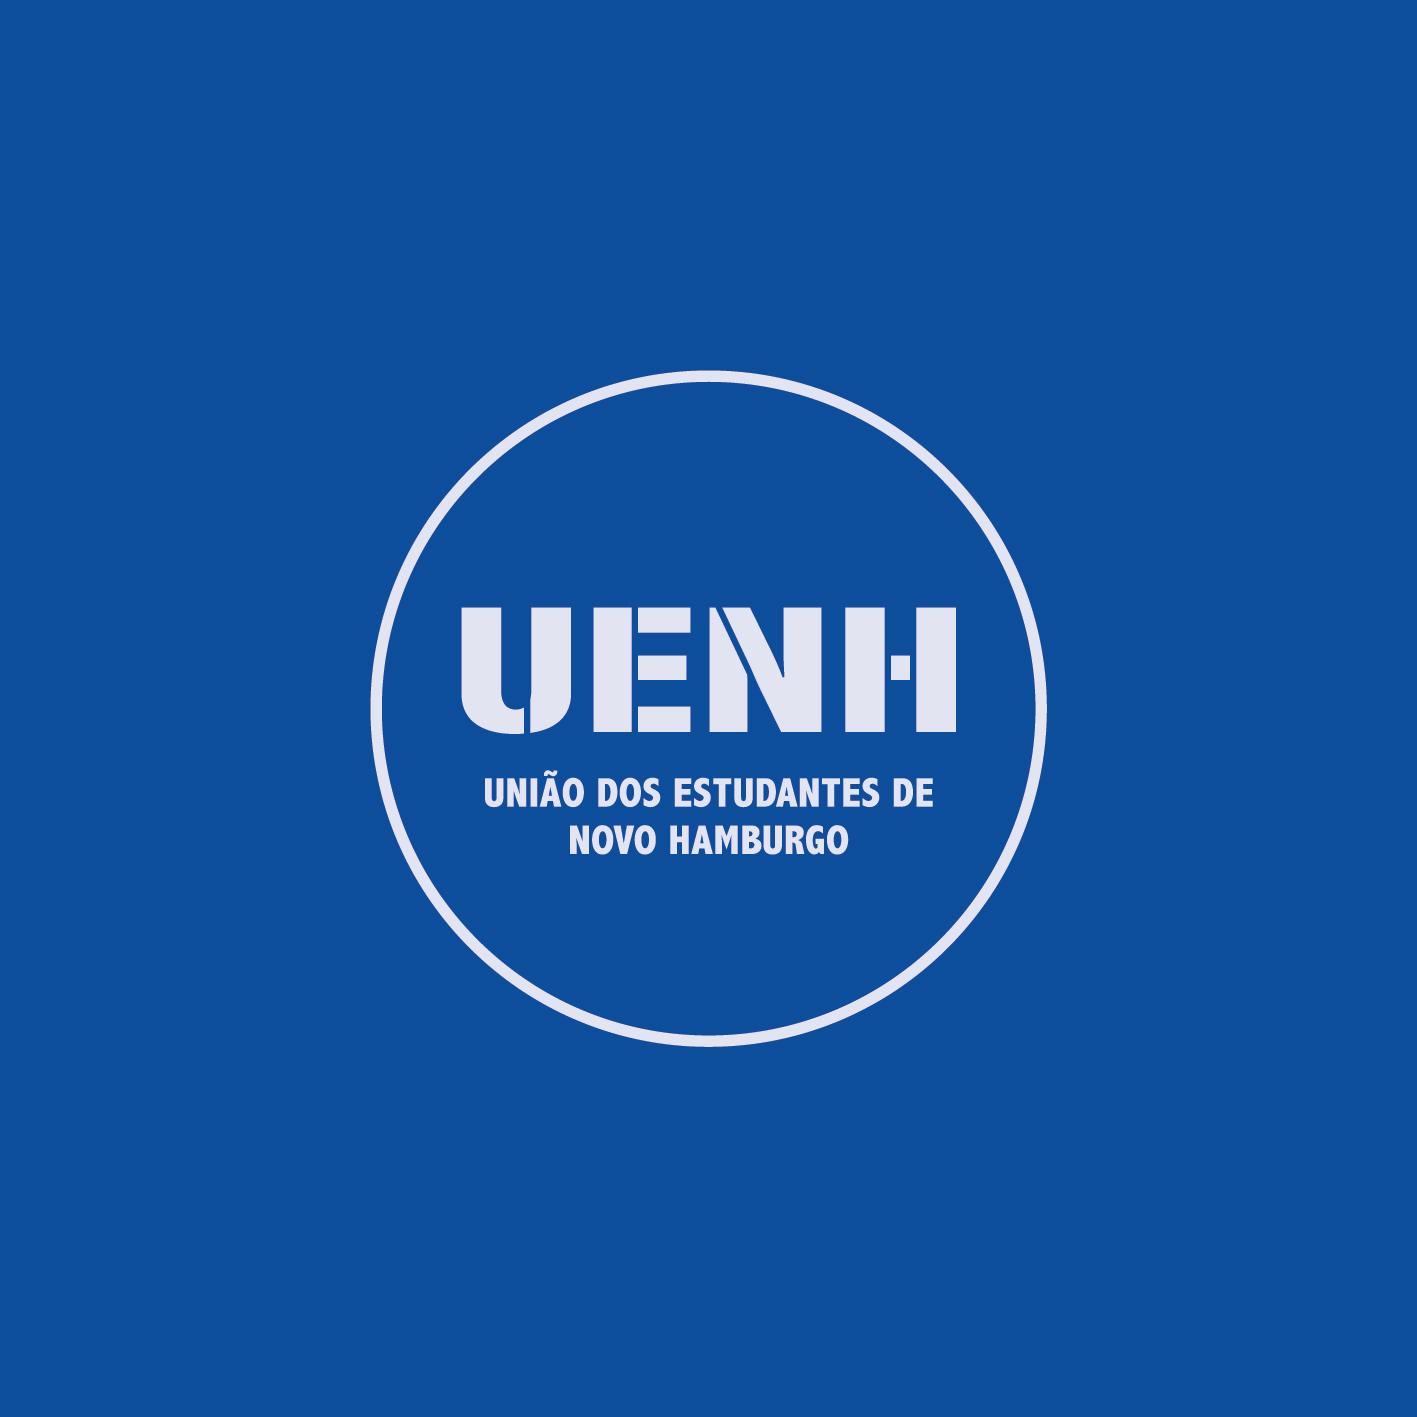 Logotype UENH